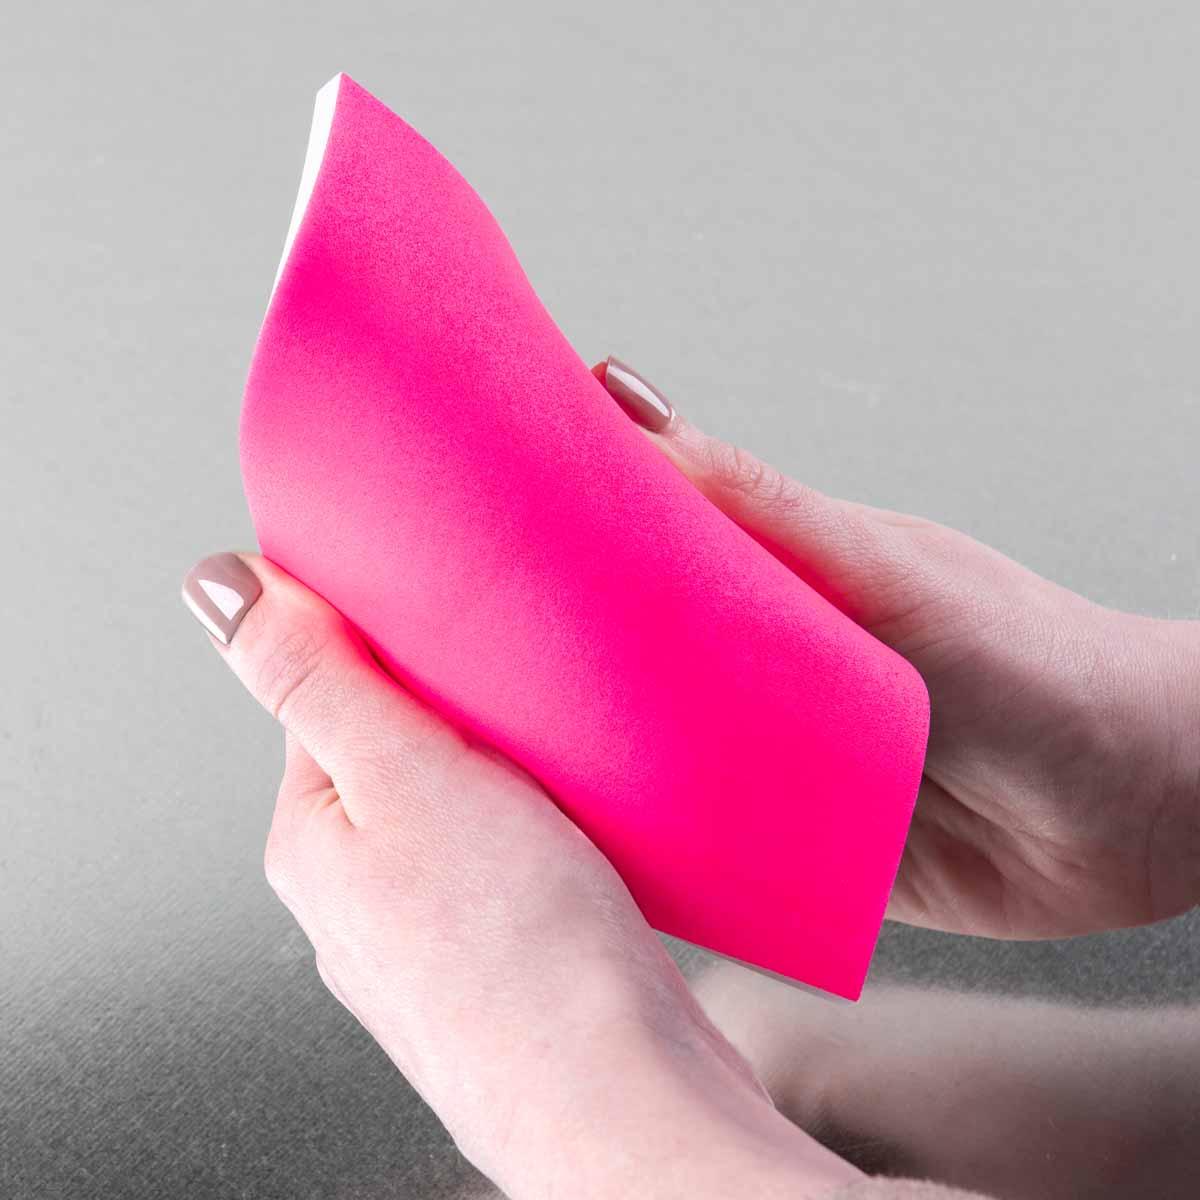 PlaidFX Nuclear Neon Flexible Acrylic Paint - Killer Pink, 3 oz. - 36882